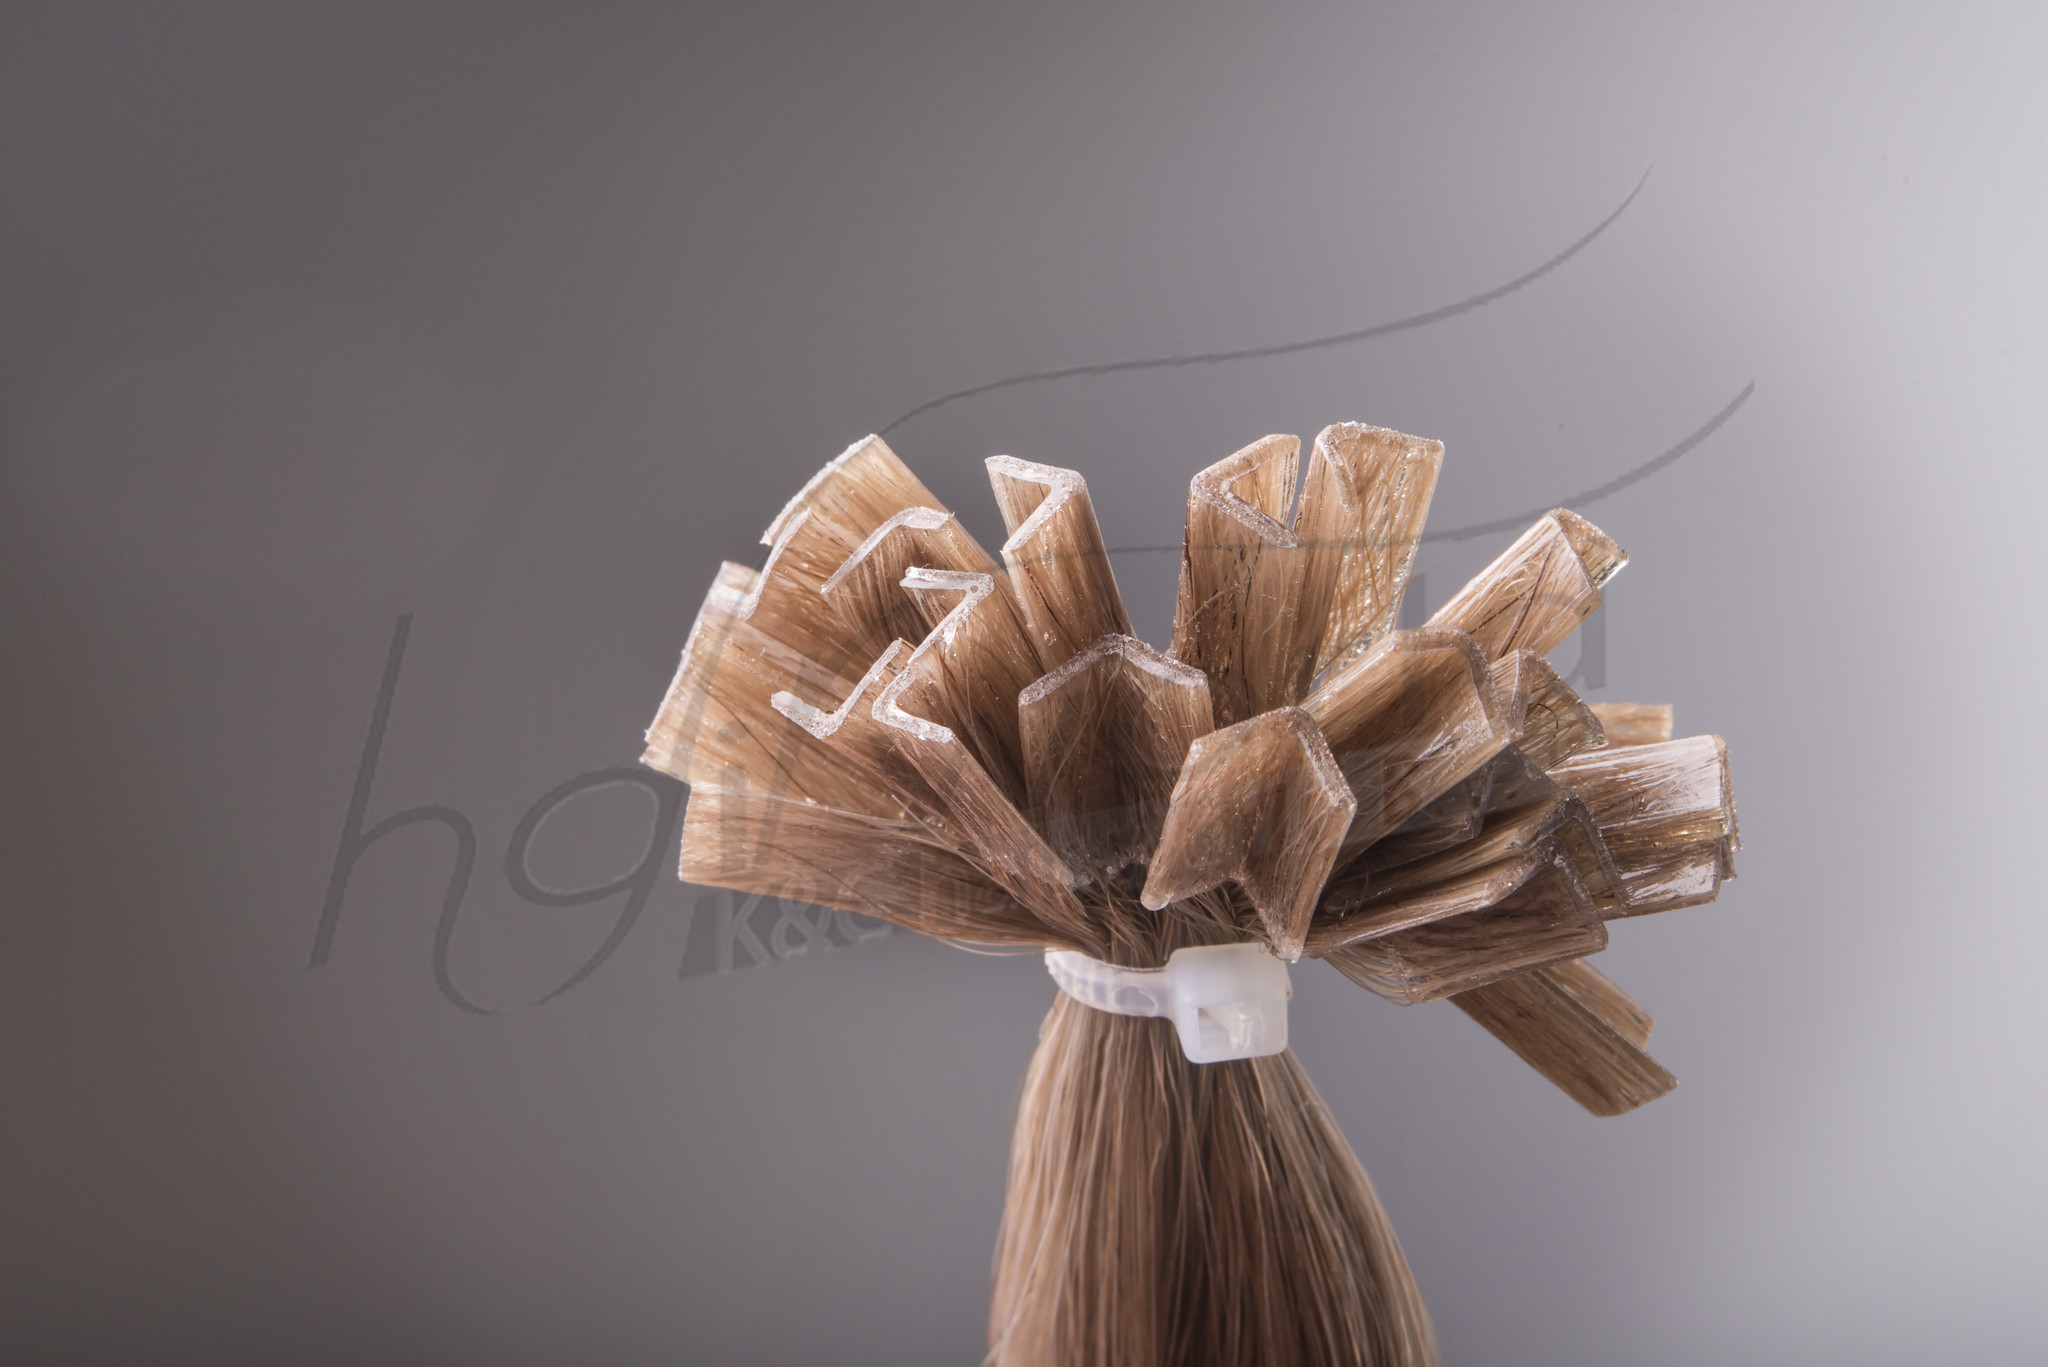 SilverFox Wax Extensions Deep Wave 55cm #613 Light Blonde